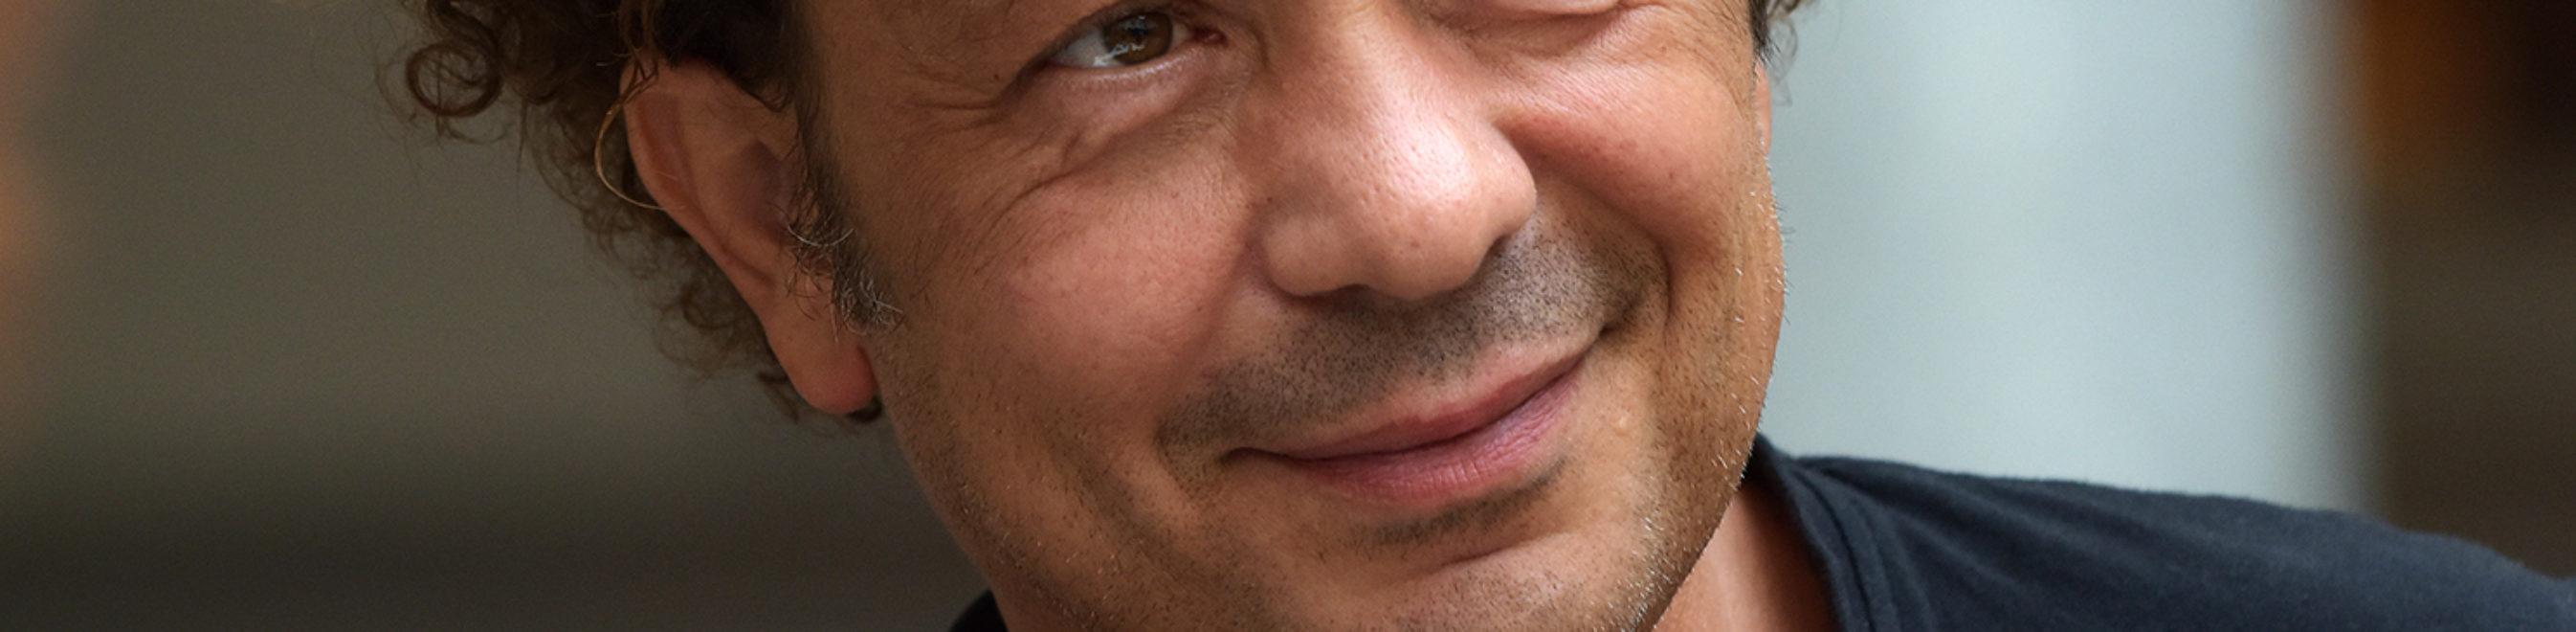 20/09-SdQ: UN PO' DI CALCIO E... con Michele Santeramo